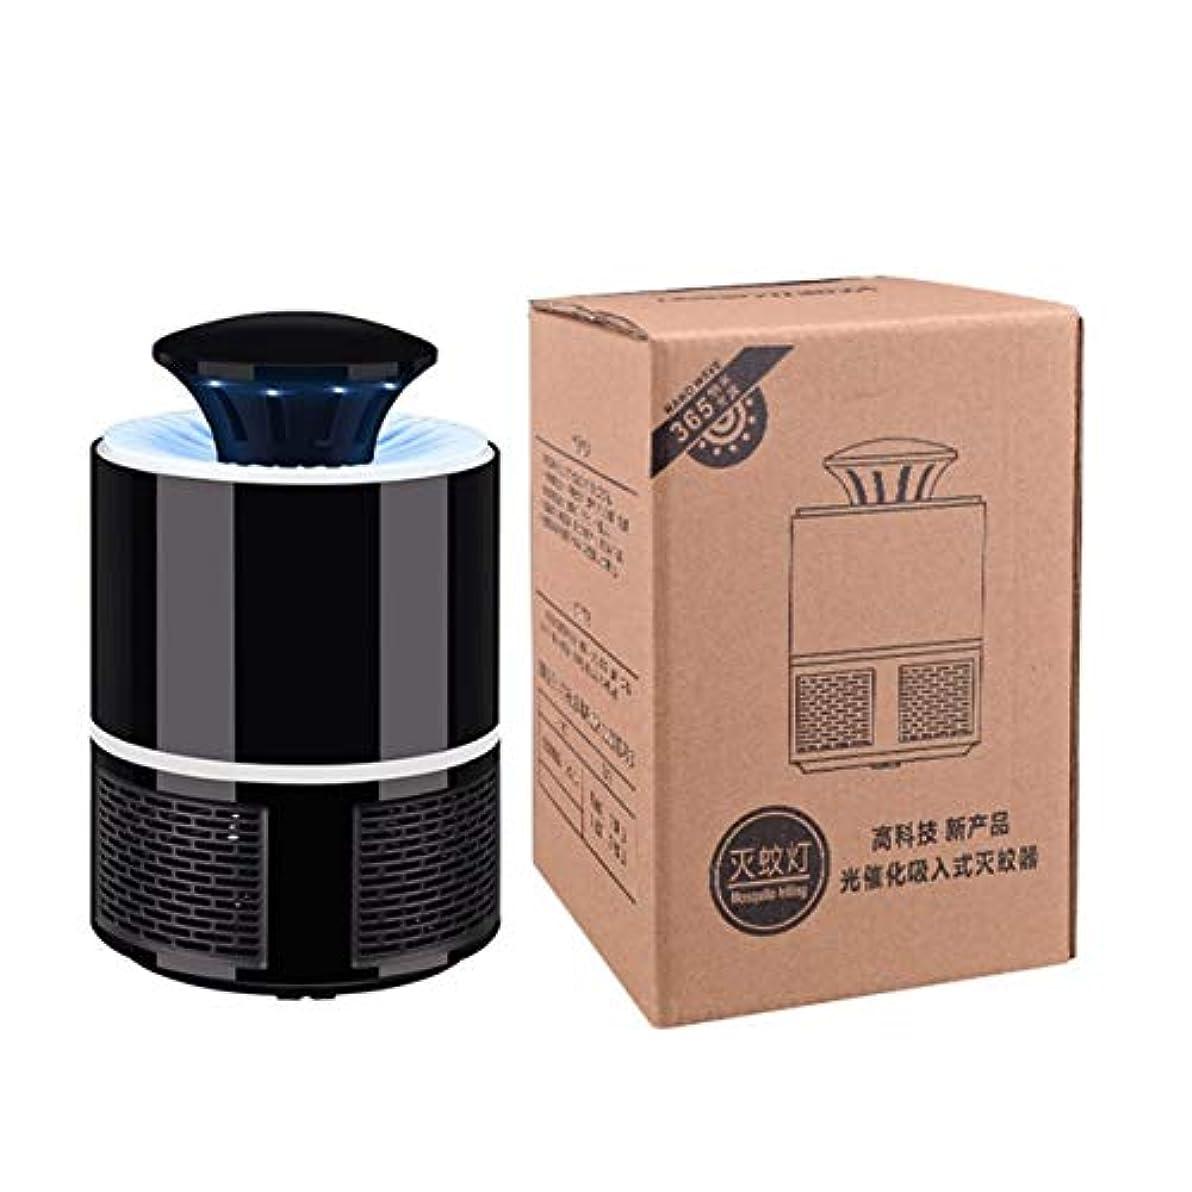 オフェンス引き受けるバーSaikogoods USB無放射電子モスキートキラーライトランプ家庭の使用は USBモスキートトラップバグ昆虫ザッパーLEDライト 黒